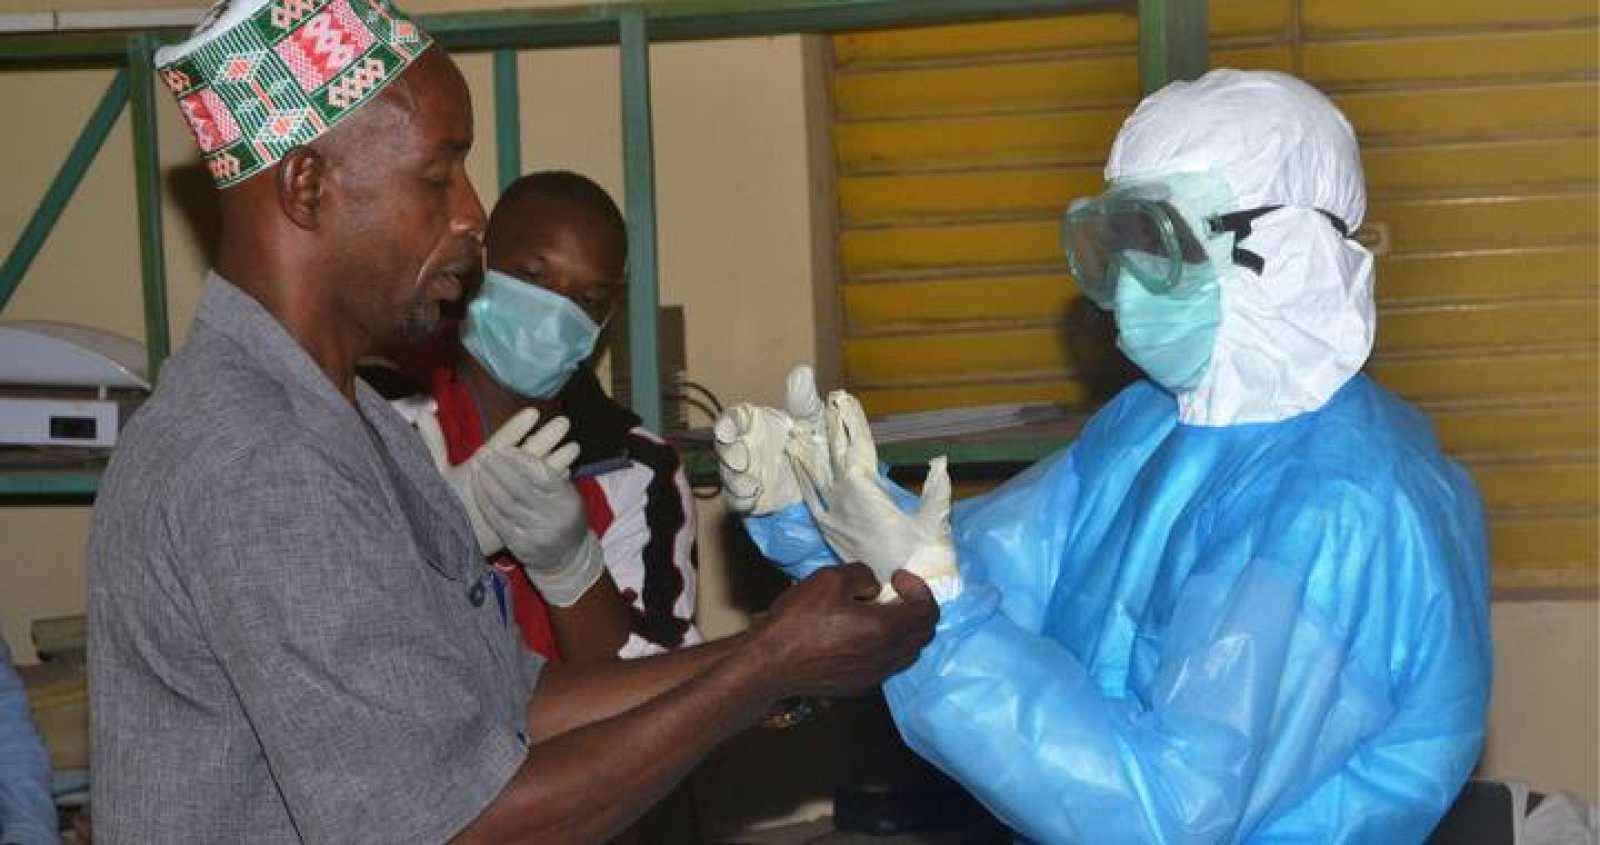 Los ensayos en humanos de la vacuna contra el ébola comenzarán la próxima semana en EE.UU